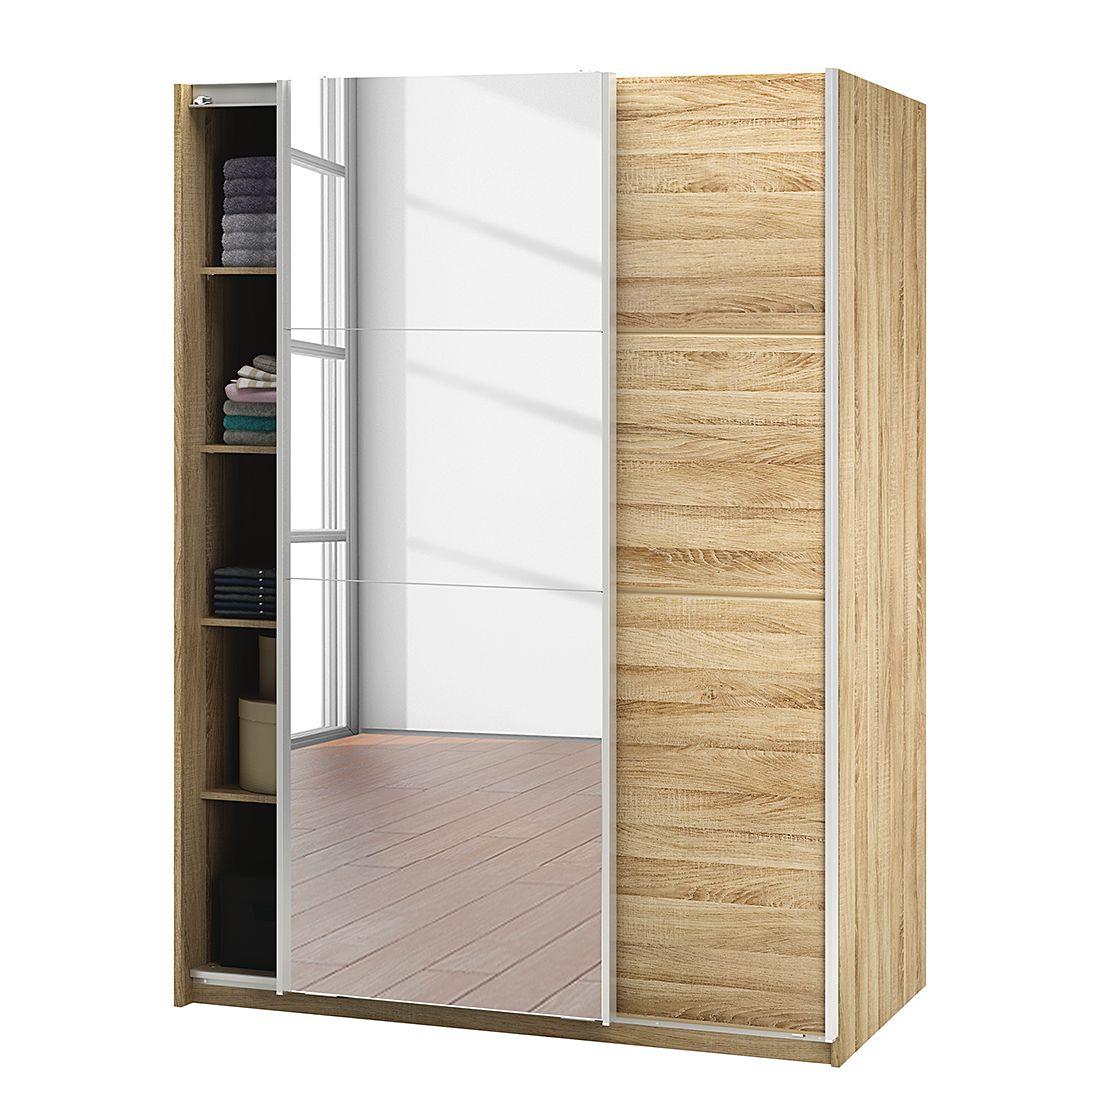 schwebet renschrank bayonne sonoma eiche dekor fredriks online kaufen bei woonio. Black Bedroom Furniture Sets. Home Design Ideas